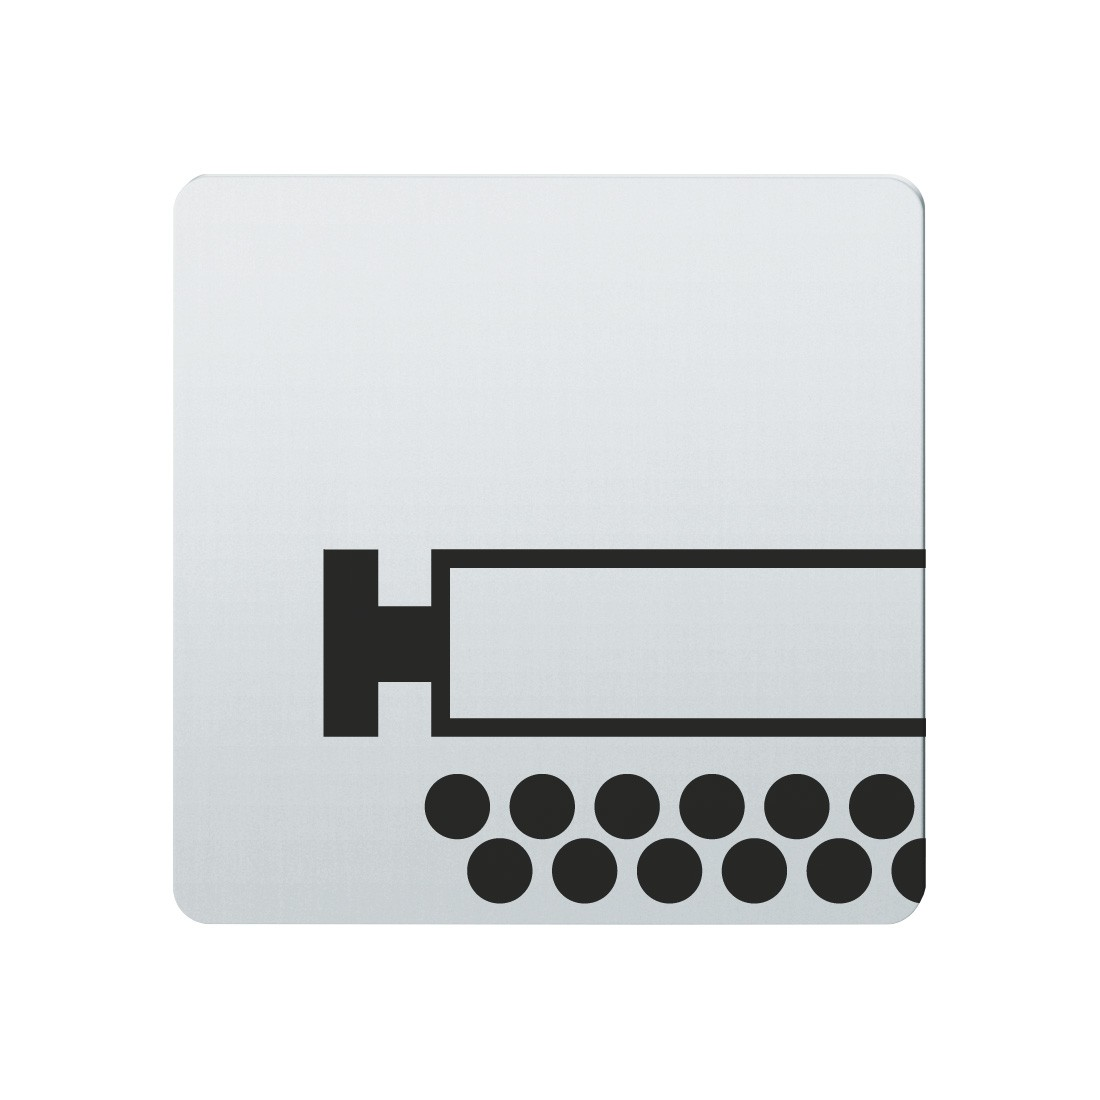 FSB Hinweiszeichen Schreibraum Lasergraviert Edelstahl fein matt (0 36 4059 00140 6204)